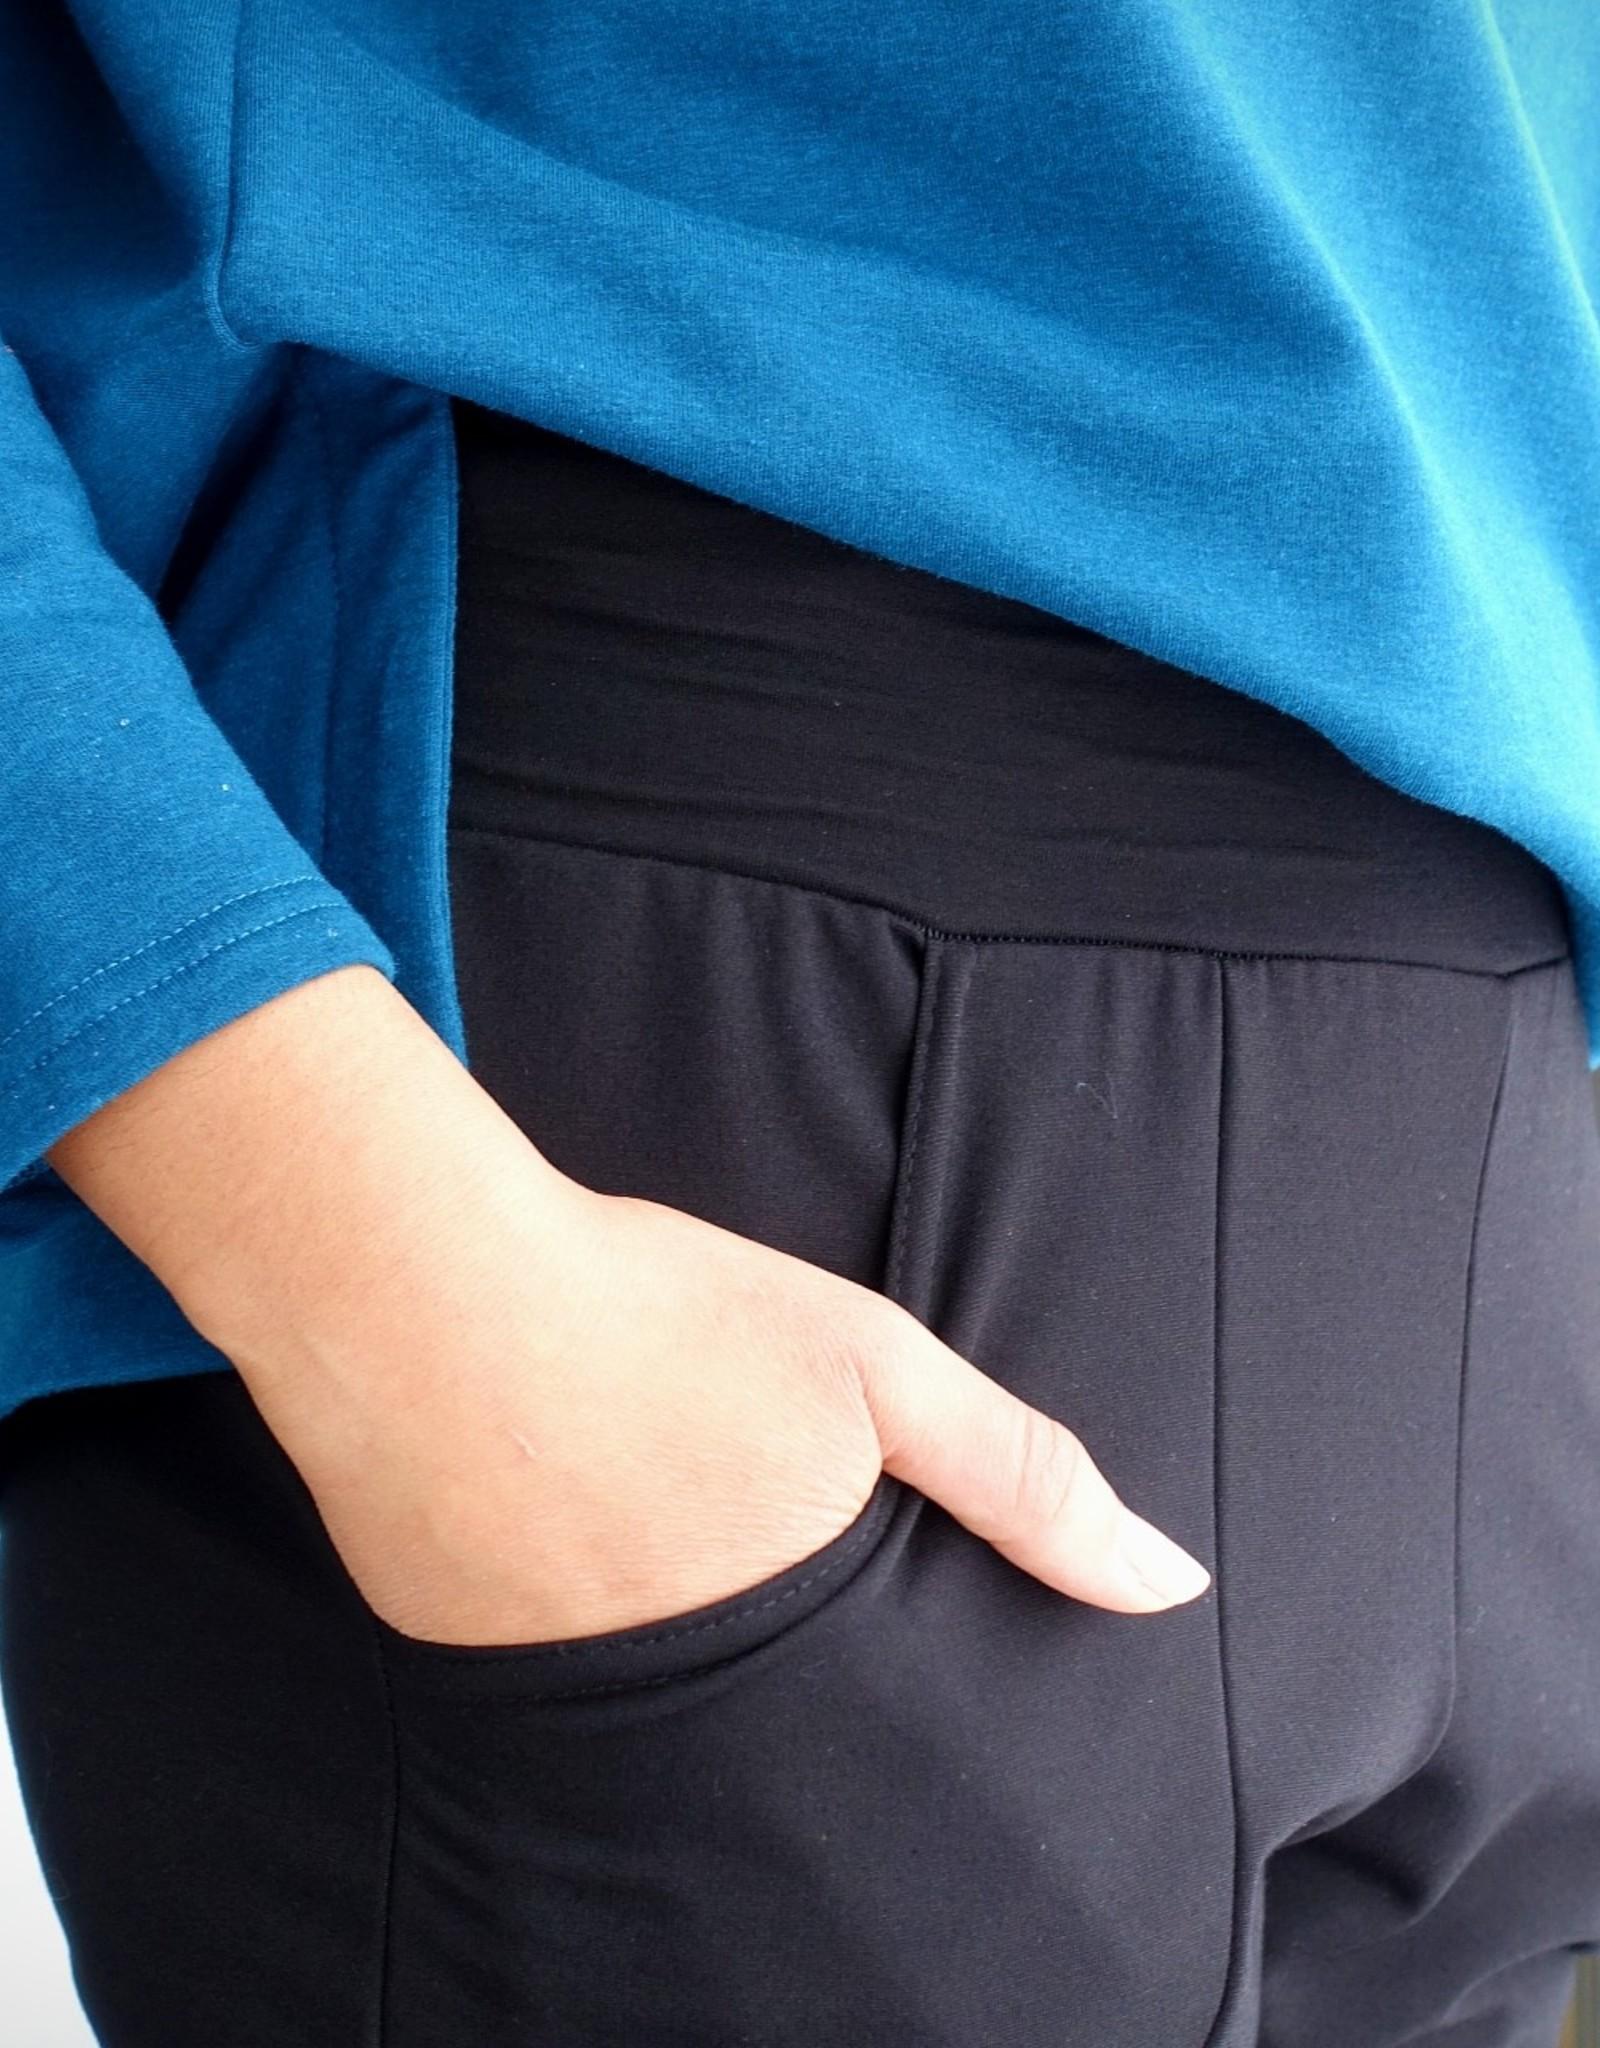 Les Coureurs de Jupons Le Pantalon AH2021 Les Coureurs de Jupons Noir